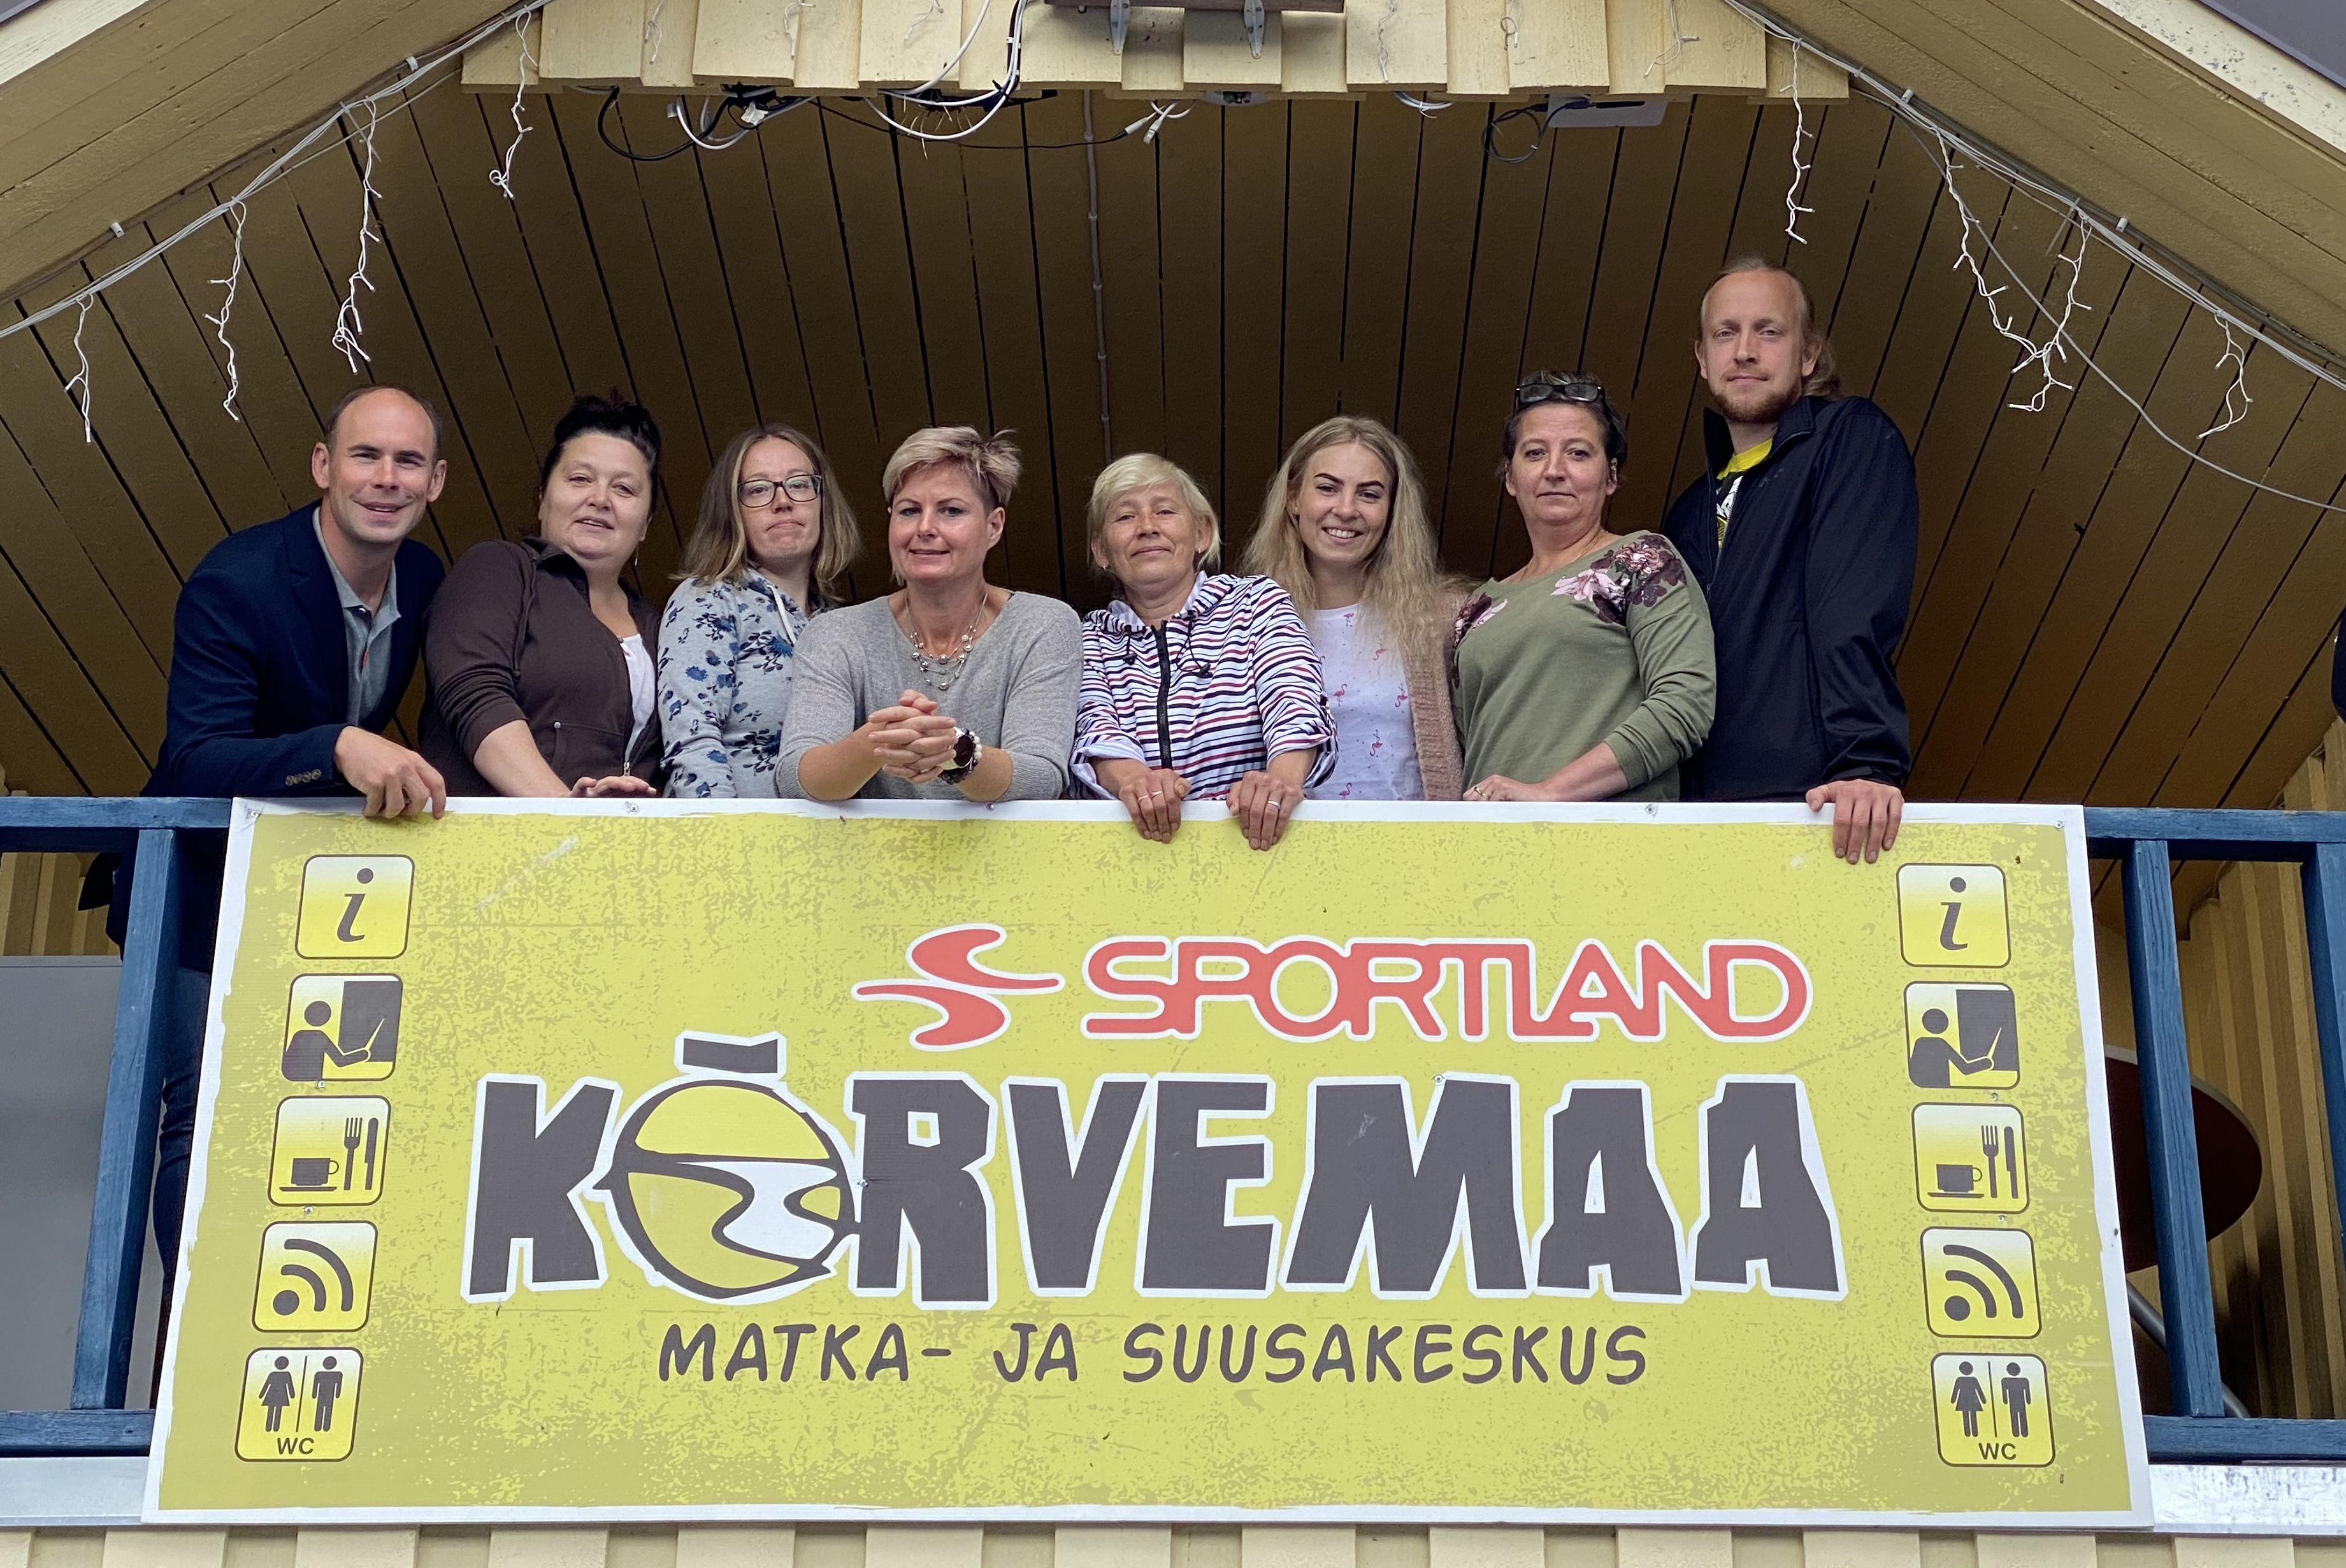 Margus Mäll ja Sportland Kõrvemaa tiim